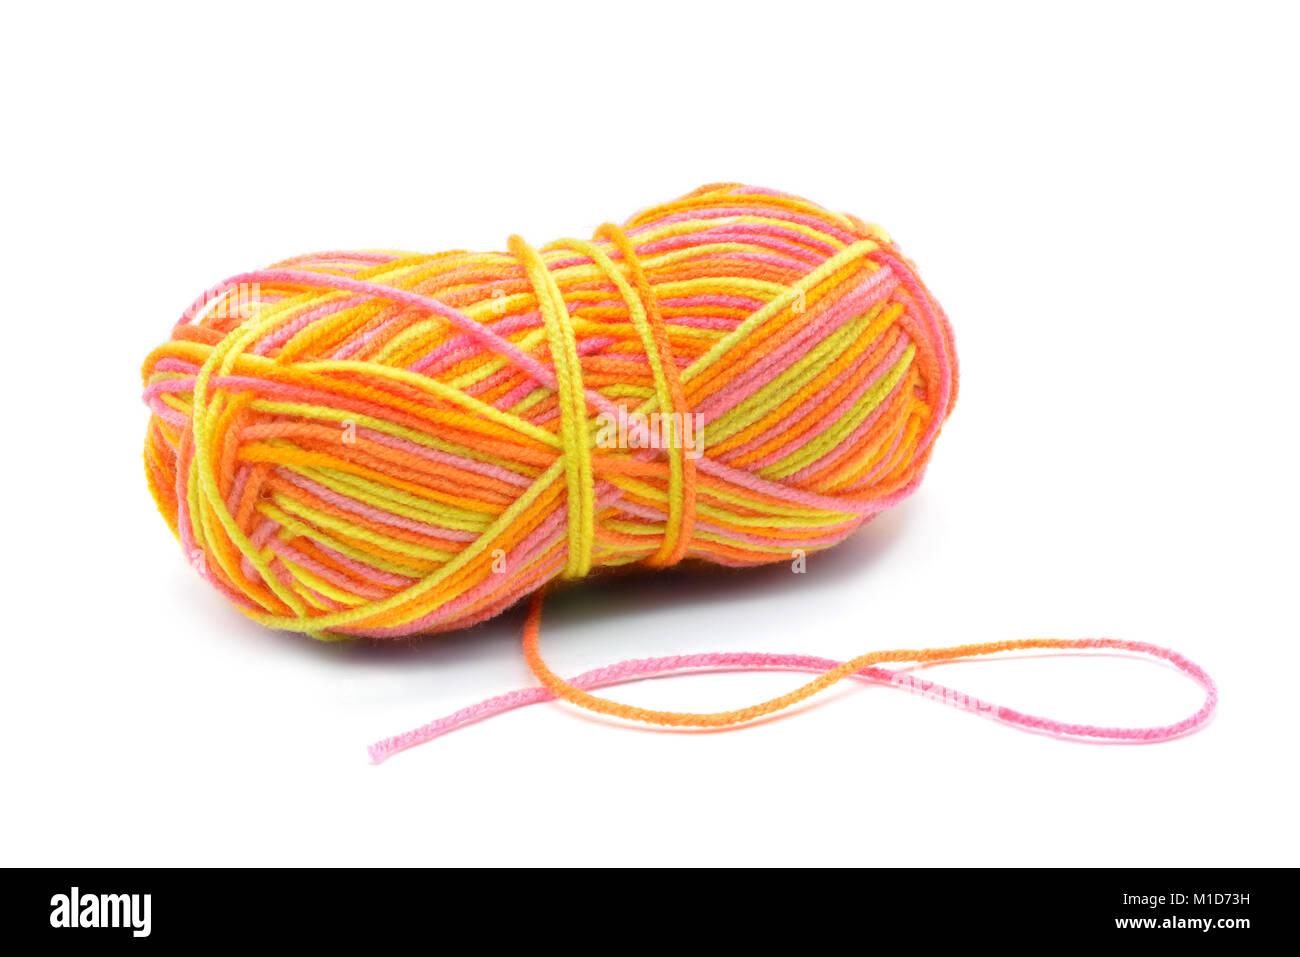 Wolle Ball In Orange Gelbe Farbe Für Stricken Und Häkeln Handworks